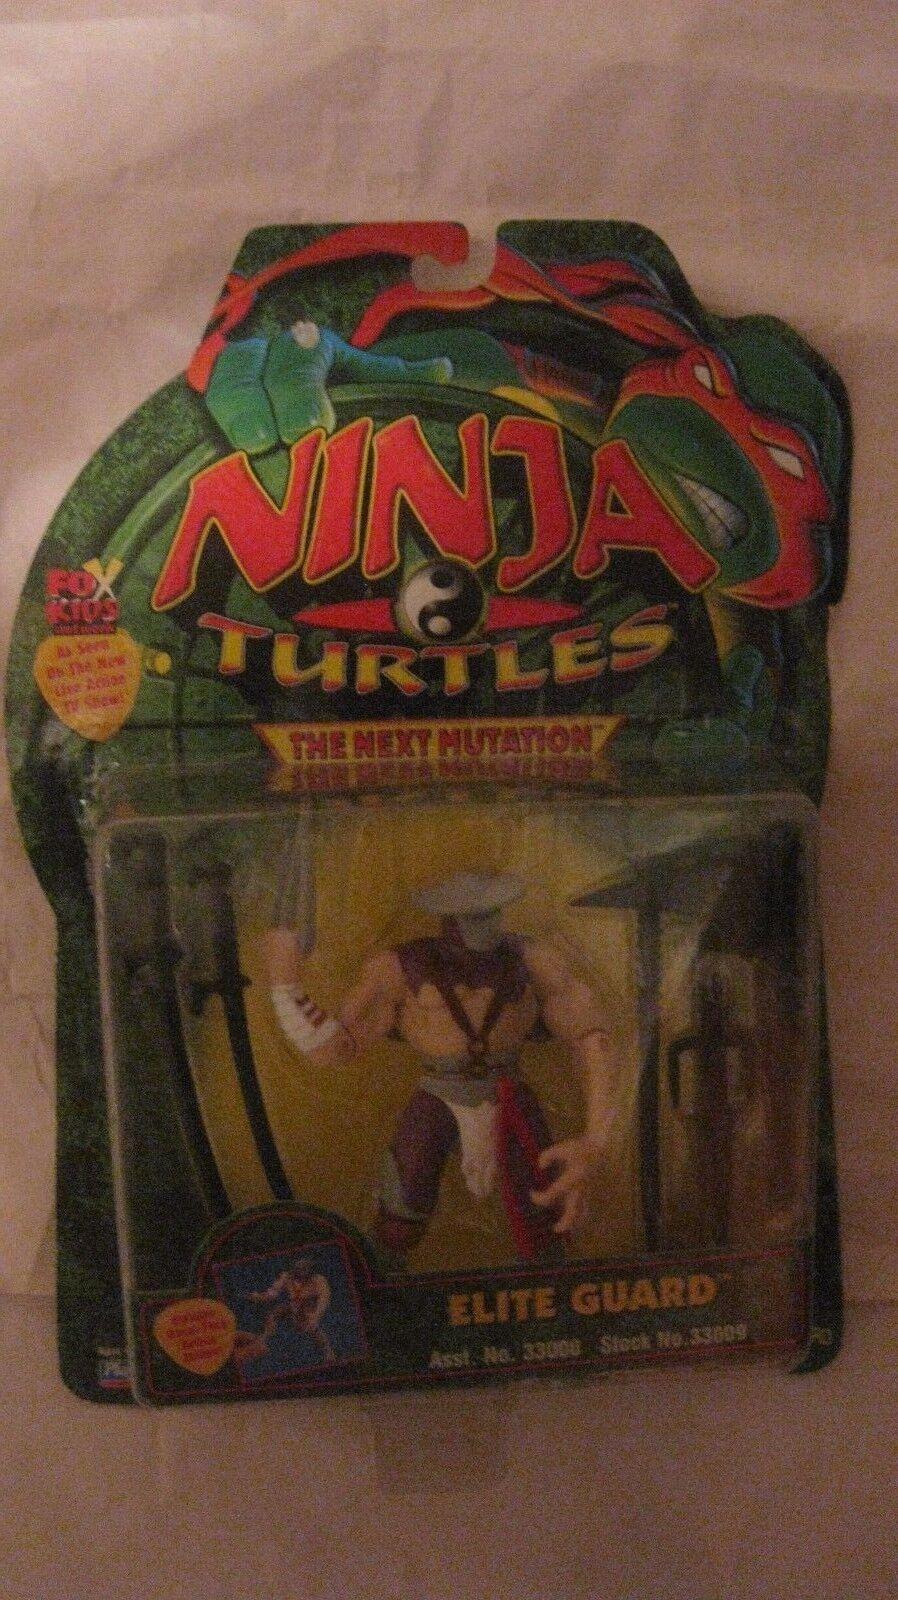 Ninja Turtles nästa Mutation Elite Guard med vapen från spelamates 1997 t90